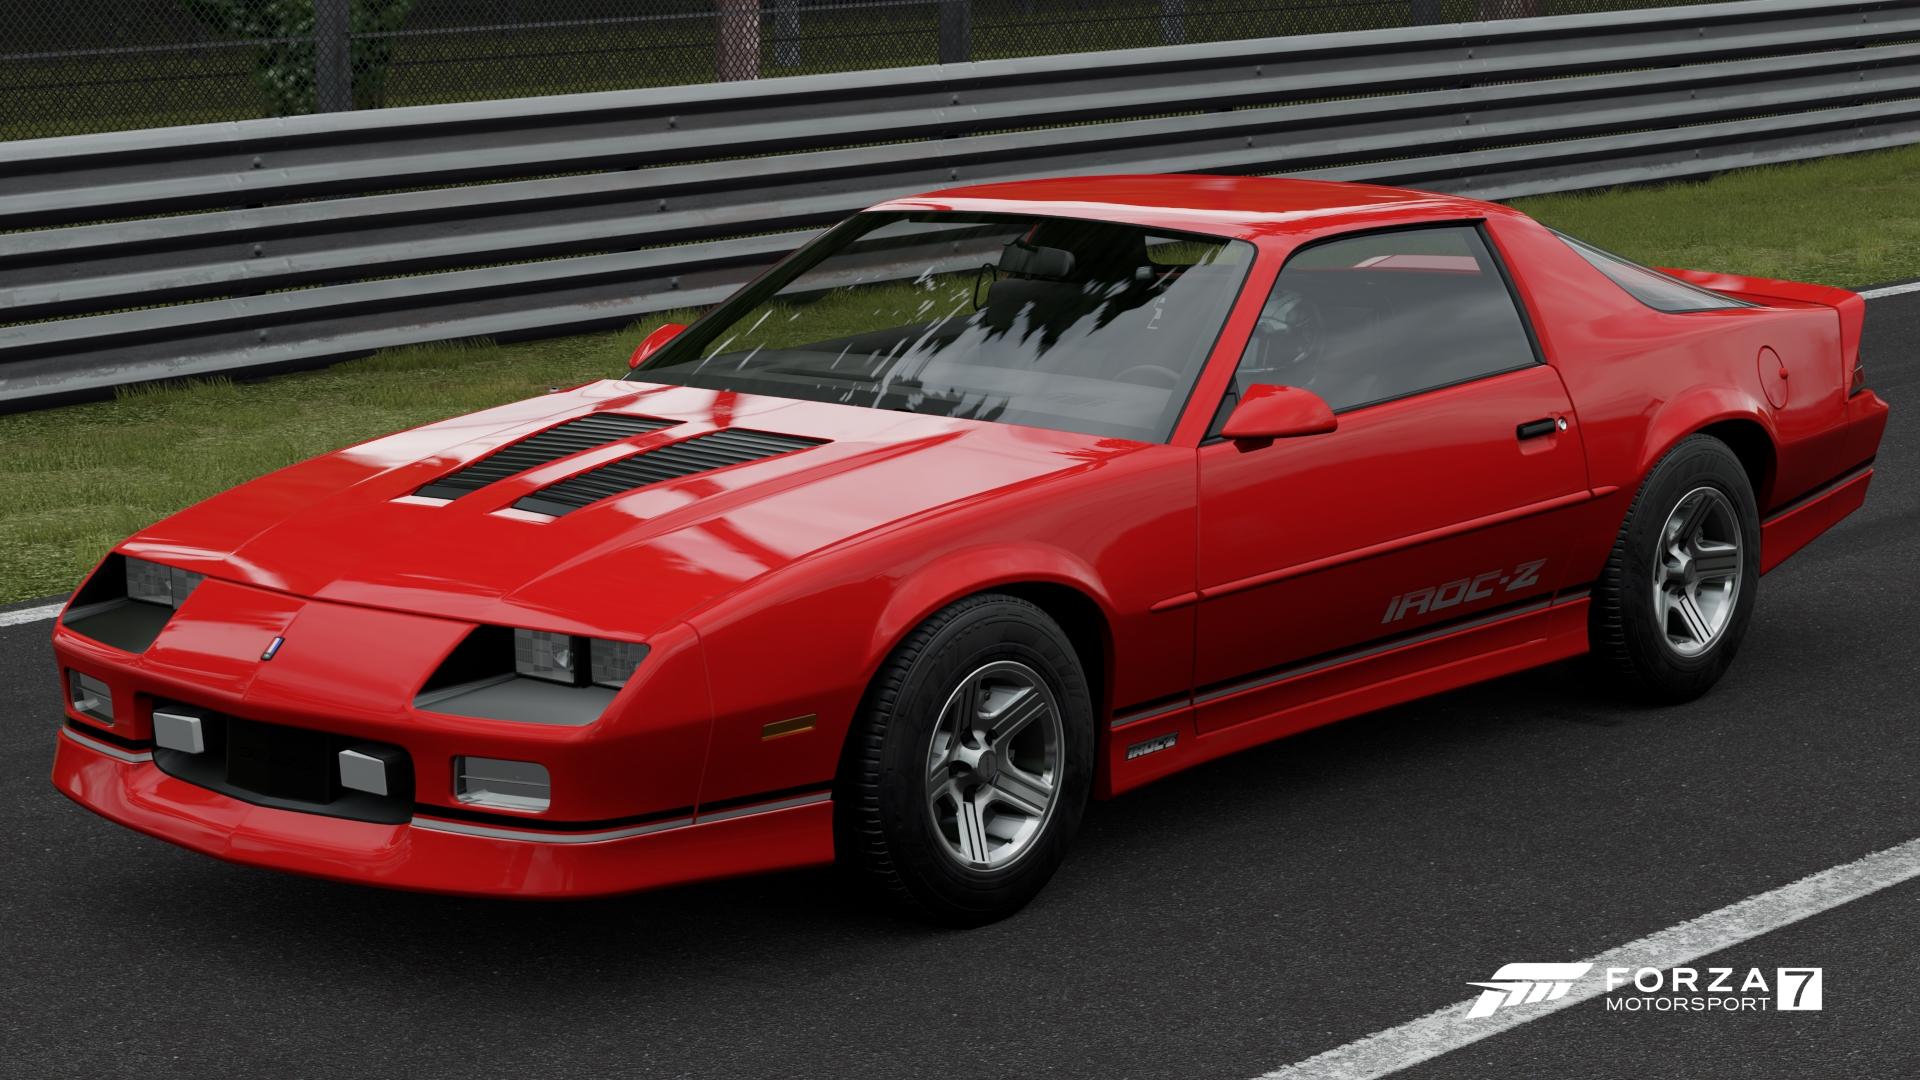 Iroc Z Wiki >> Chevrolet Camaro Iroc Z Forza Motorsport Wiki Fandom Powered By